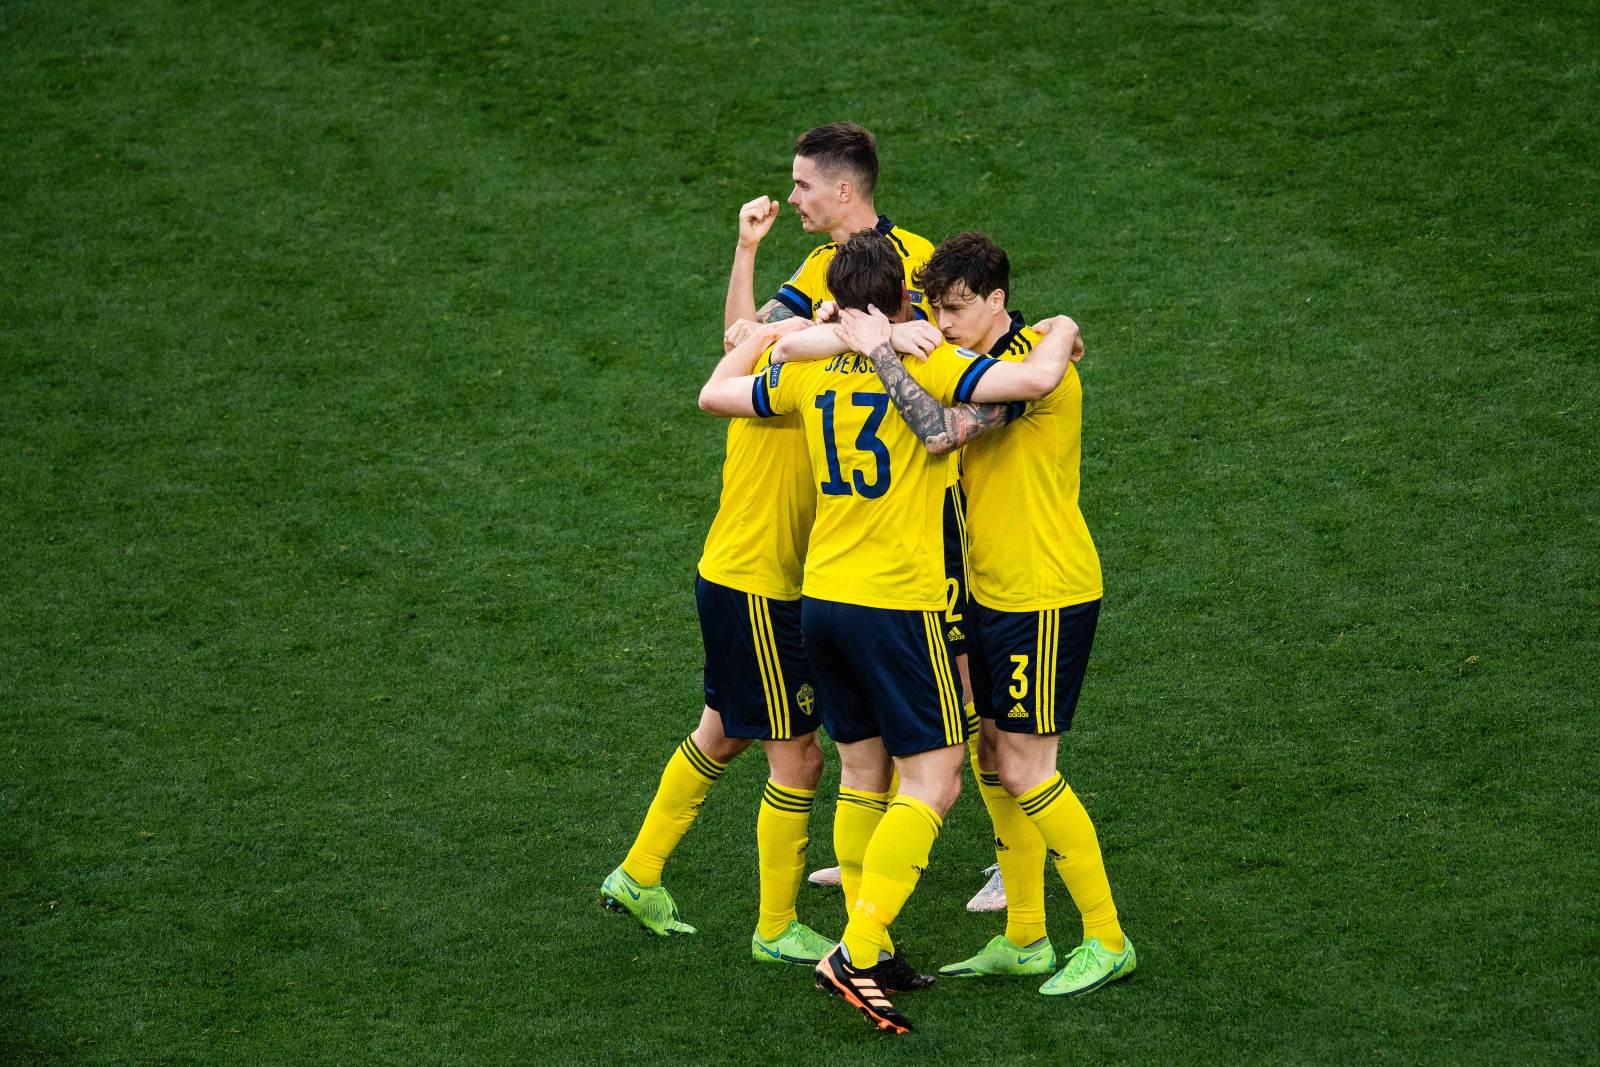 Кот-предсказатель дал прогноз на матч Швеция - Польша